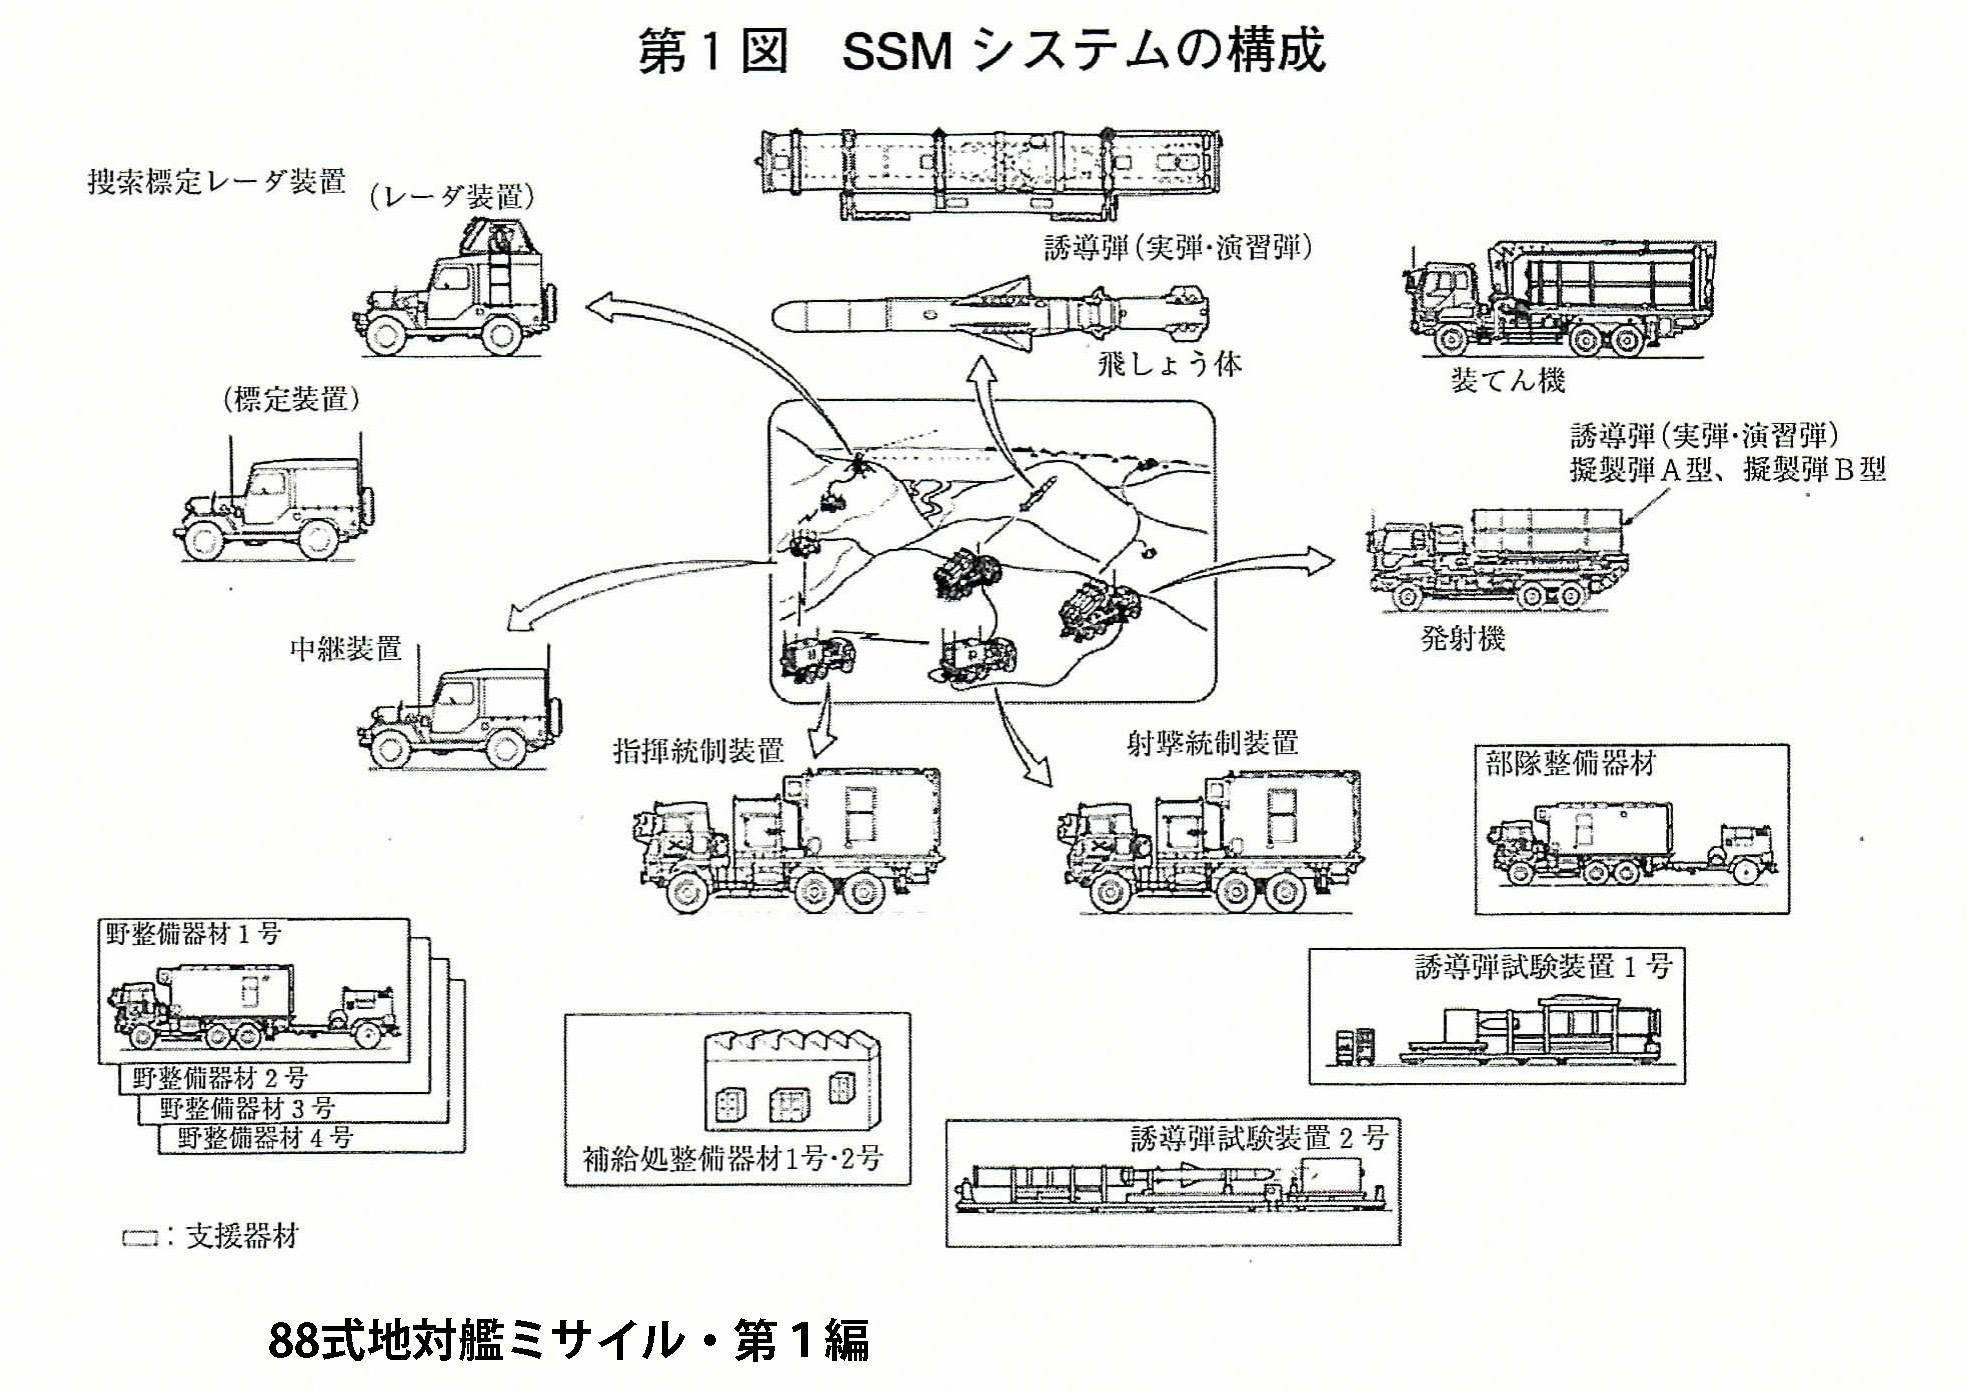 SSMシステムの構成